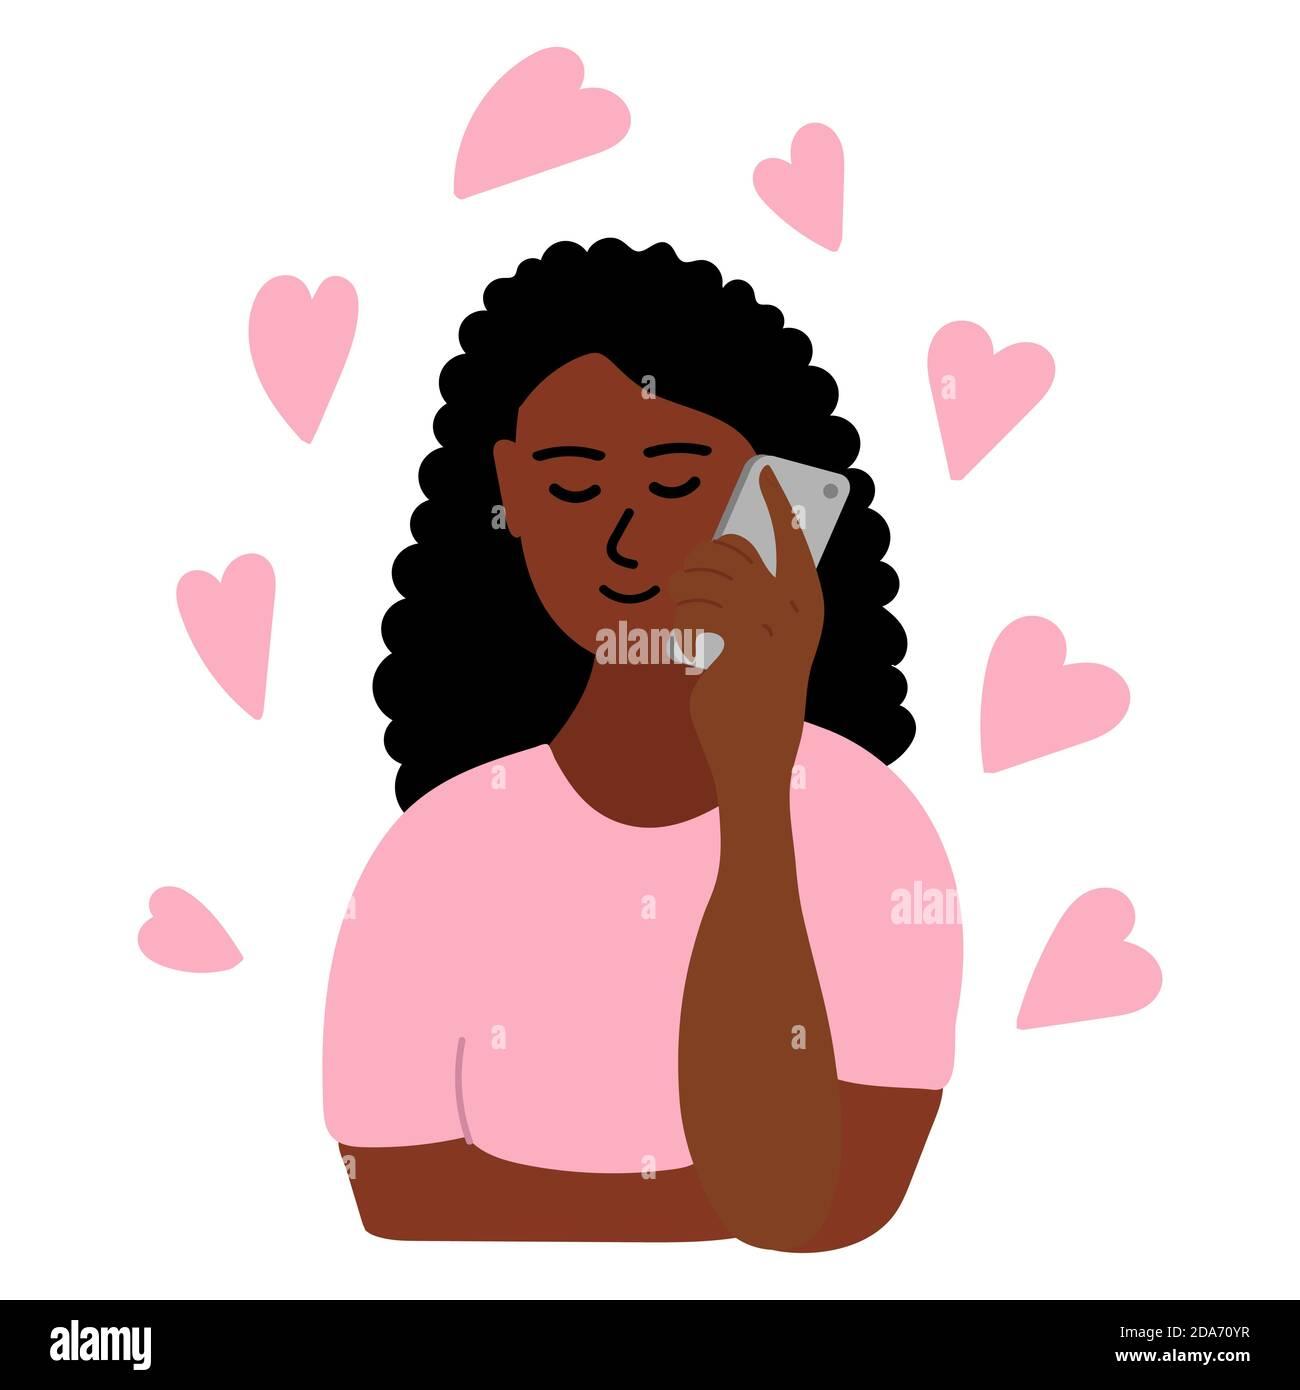 Chica africana de la mano hablando por teléfono. La mujer de piel negra de morena sostiene el smartphone con su mano. Hay muchos corazones rosados a su alrededor Ilustración del Vector